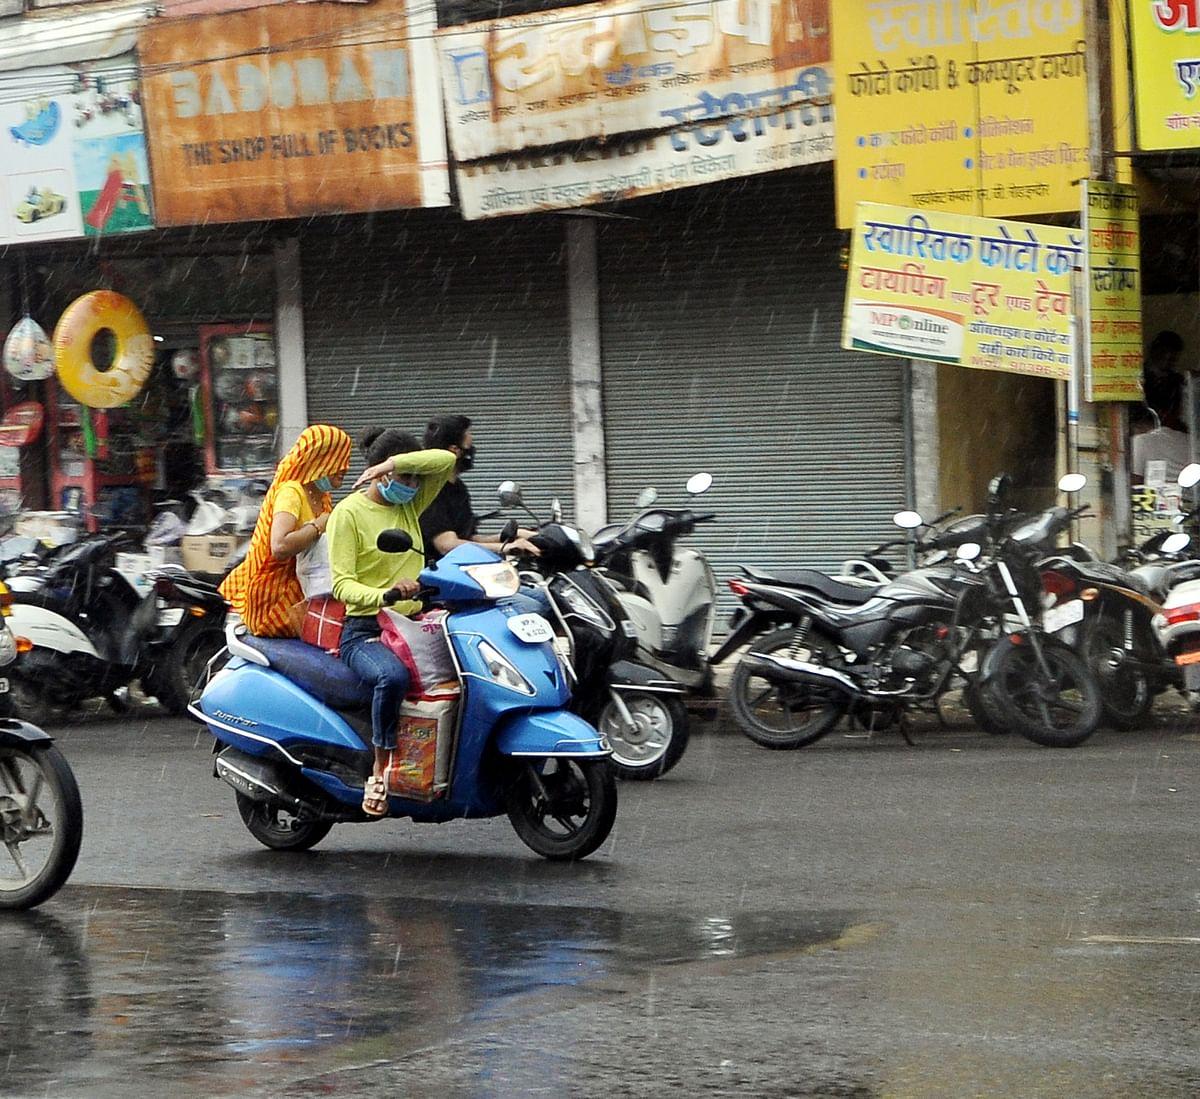 Indore : एक बार फिर पूर्वी शहर भीगा, पश्चिम सूखा रहा